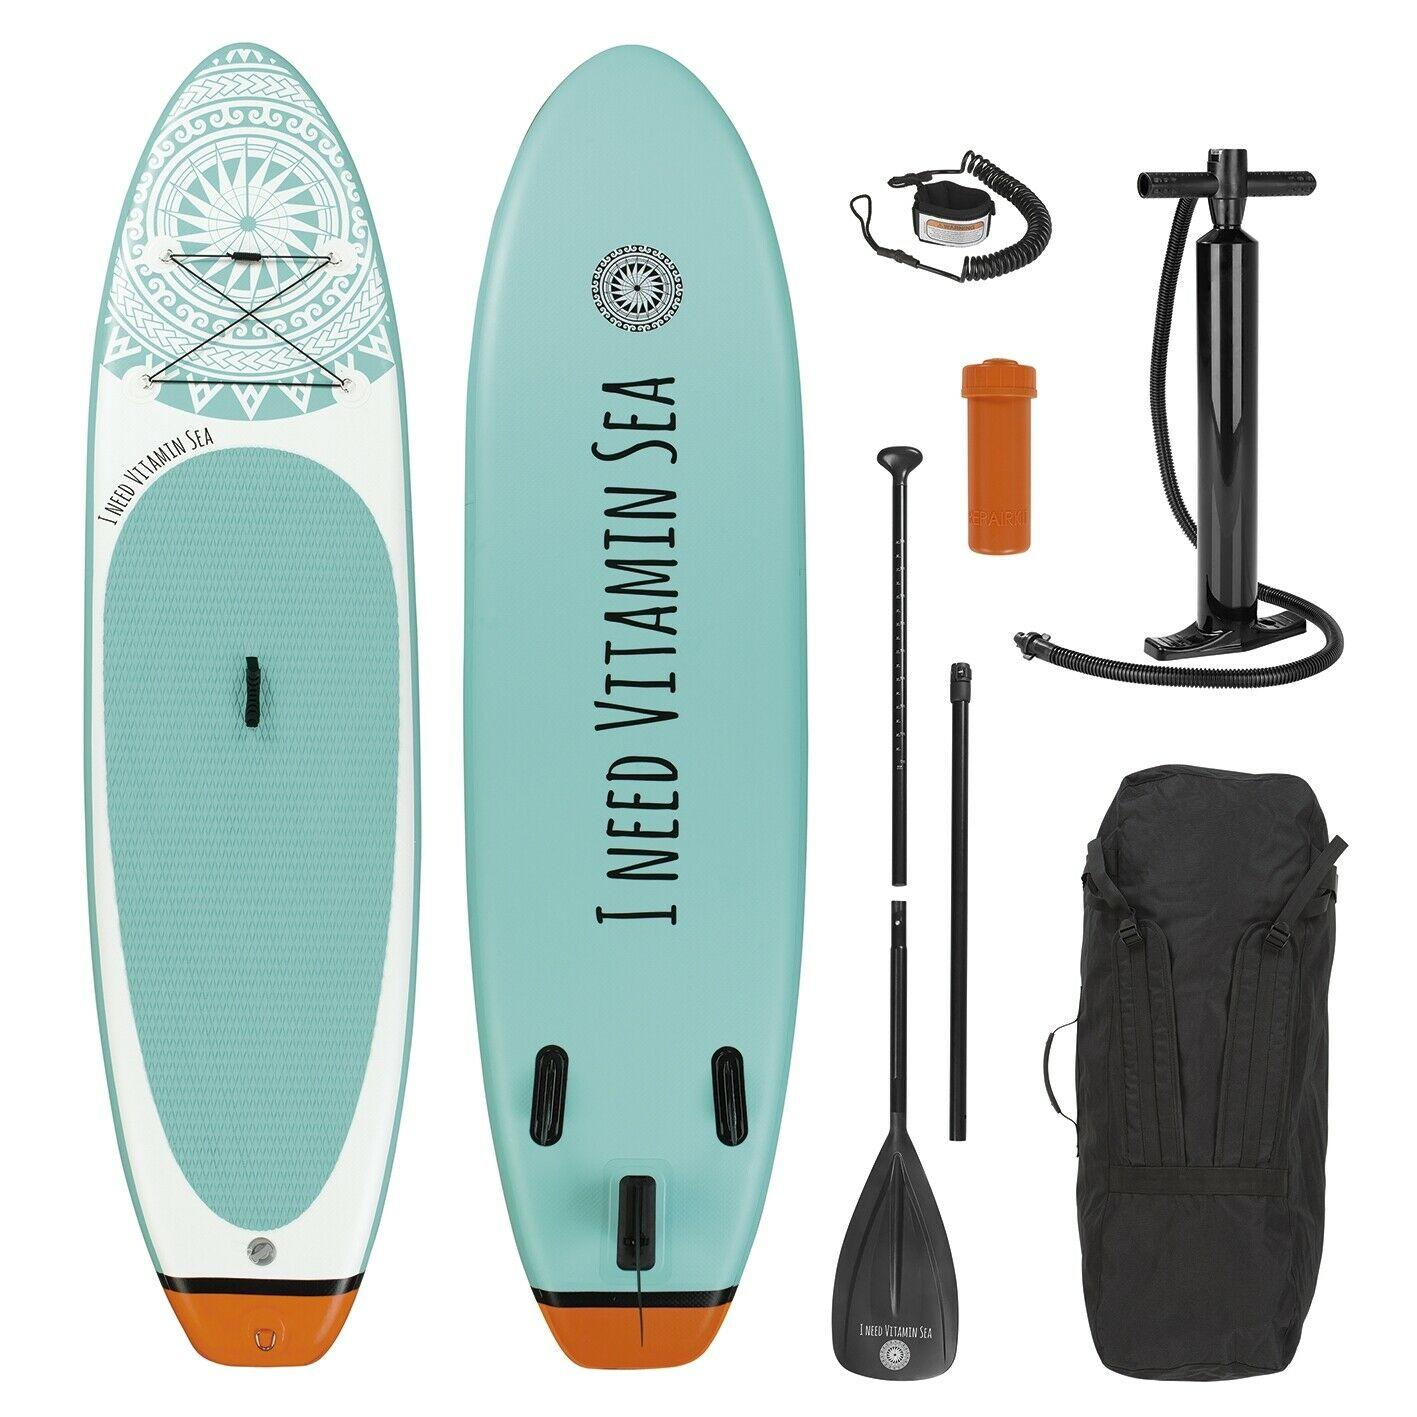 EASYmaxx Stand-Up Paddle-Board von Netto extrem günstig kaufen